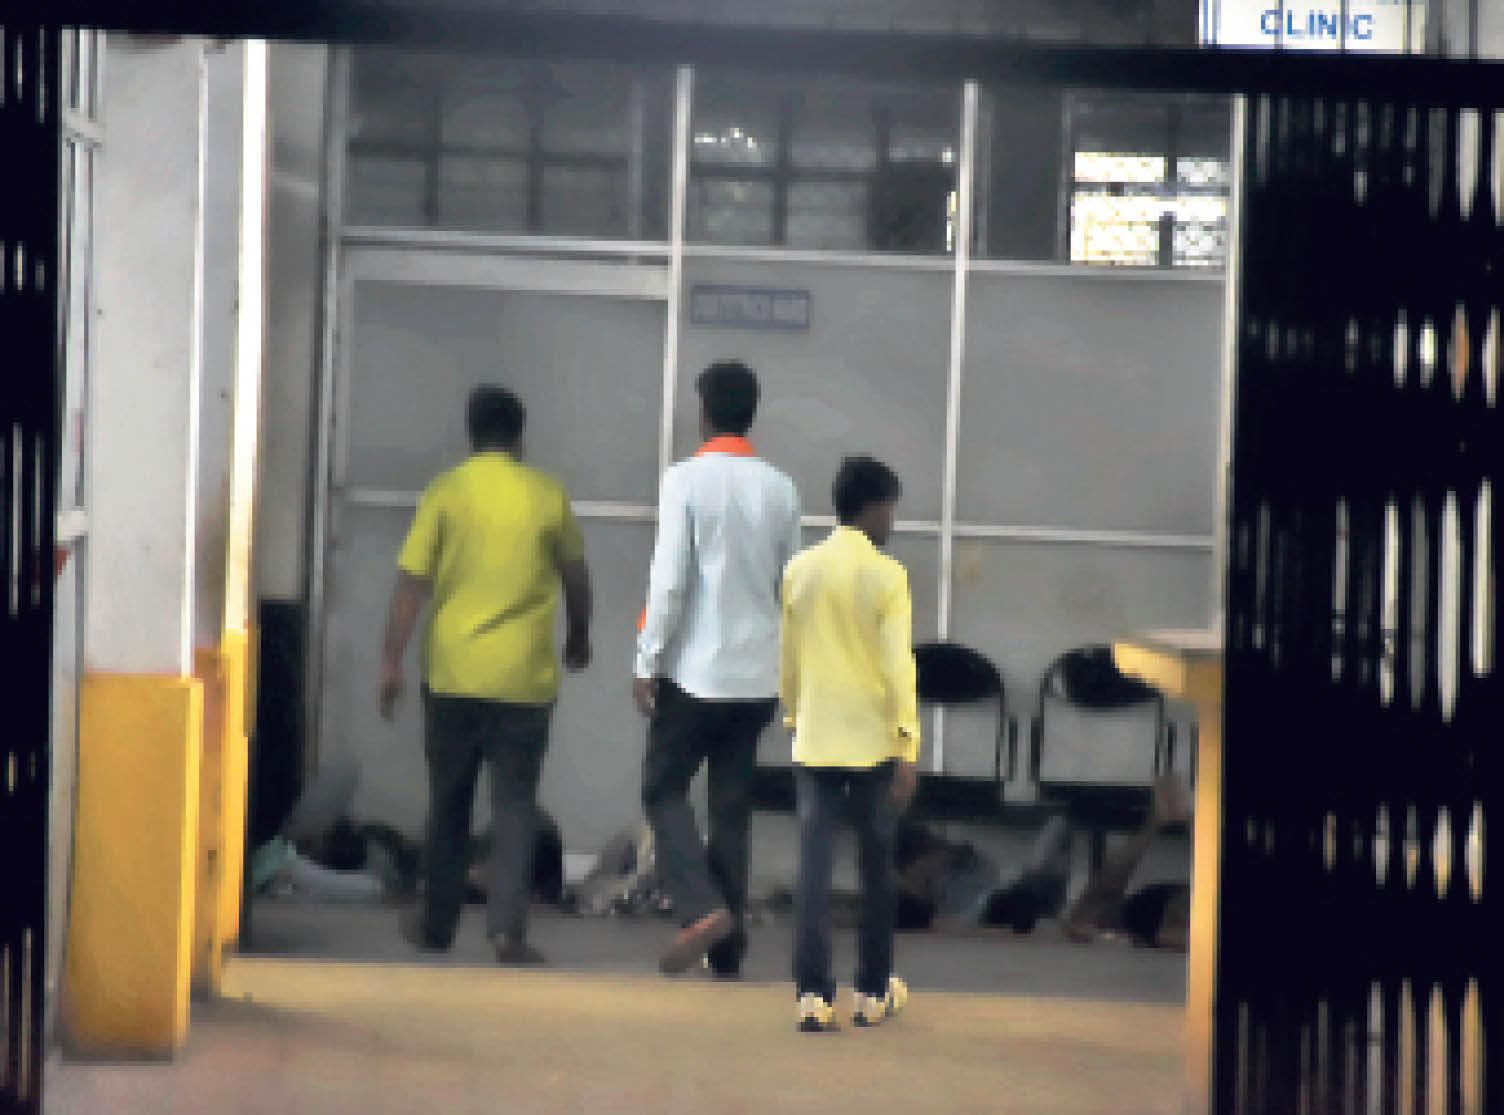 एसएनएमएमसीएच में ज्यादातर जगहों पर सुरक्षा गार्ड नजर नहीं आए। लोग बिना रोक-टोक के वार्डों में आते-जाते रहे। एक दिन पहले ही दावा किया गया था कि रात में लोगों के आने-जाने पर रोक रहेगी, लेकिन ऐसा कहीं नजर नहीं आया। - Dainik Bhaskar